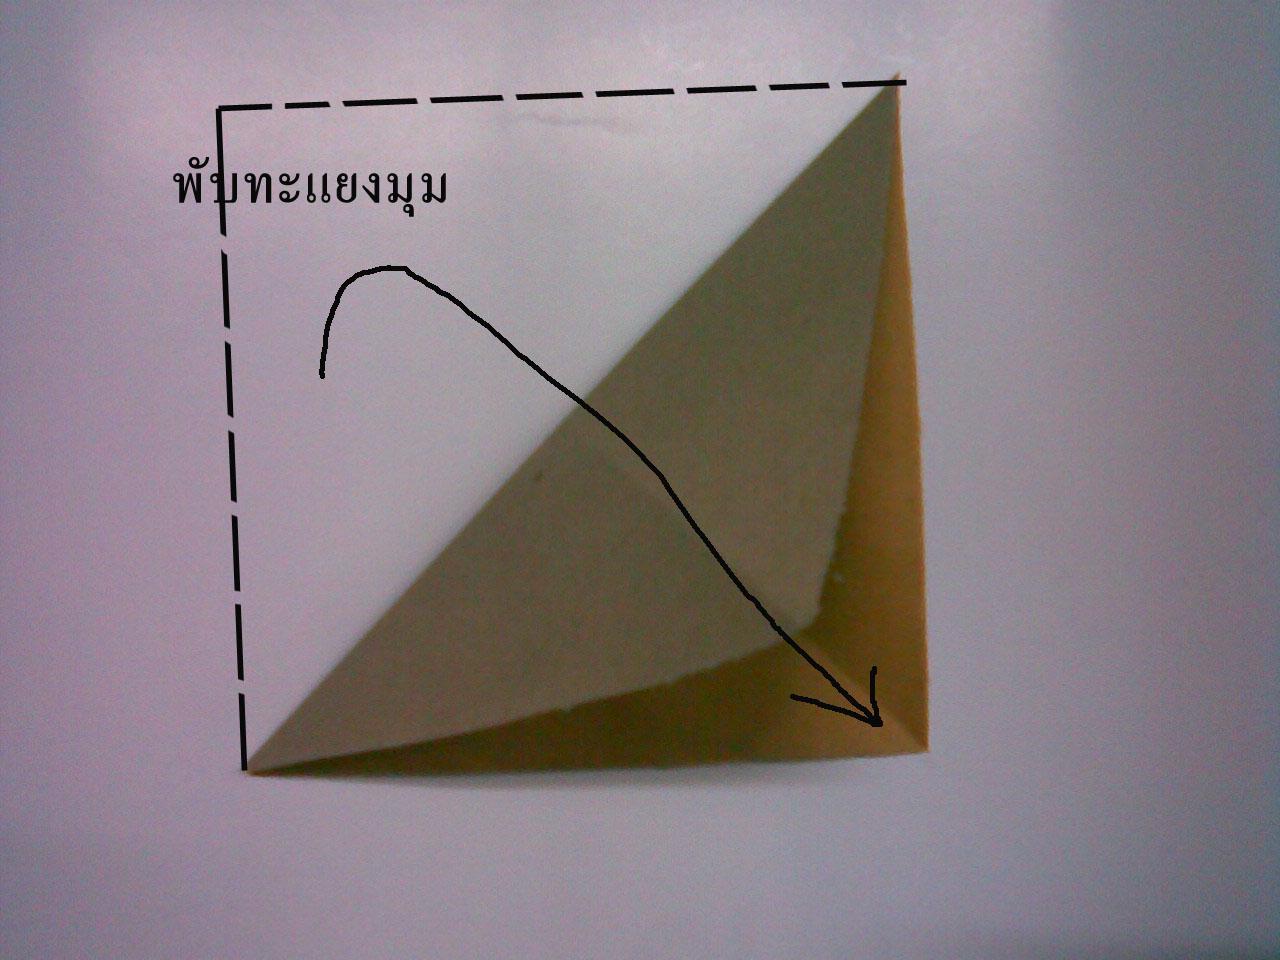 วิธีพับกล่องกระดาษน่ารักมีฝา كيفية أضعاف غطاء ورقة مربع زهرة  कैसे गुना करने के लिए कागज के फूल बॉक्स ढक्कन   พับแบบโอริกามิ โอริงามิ